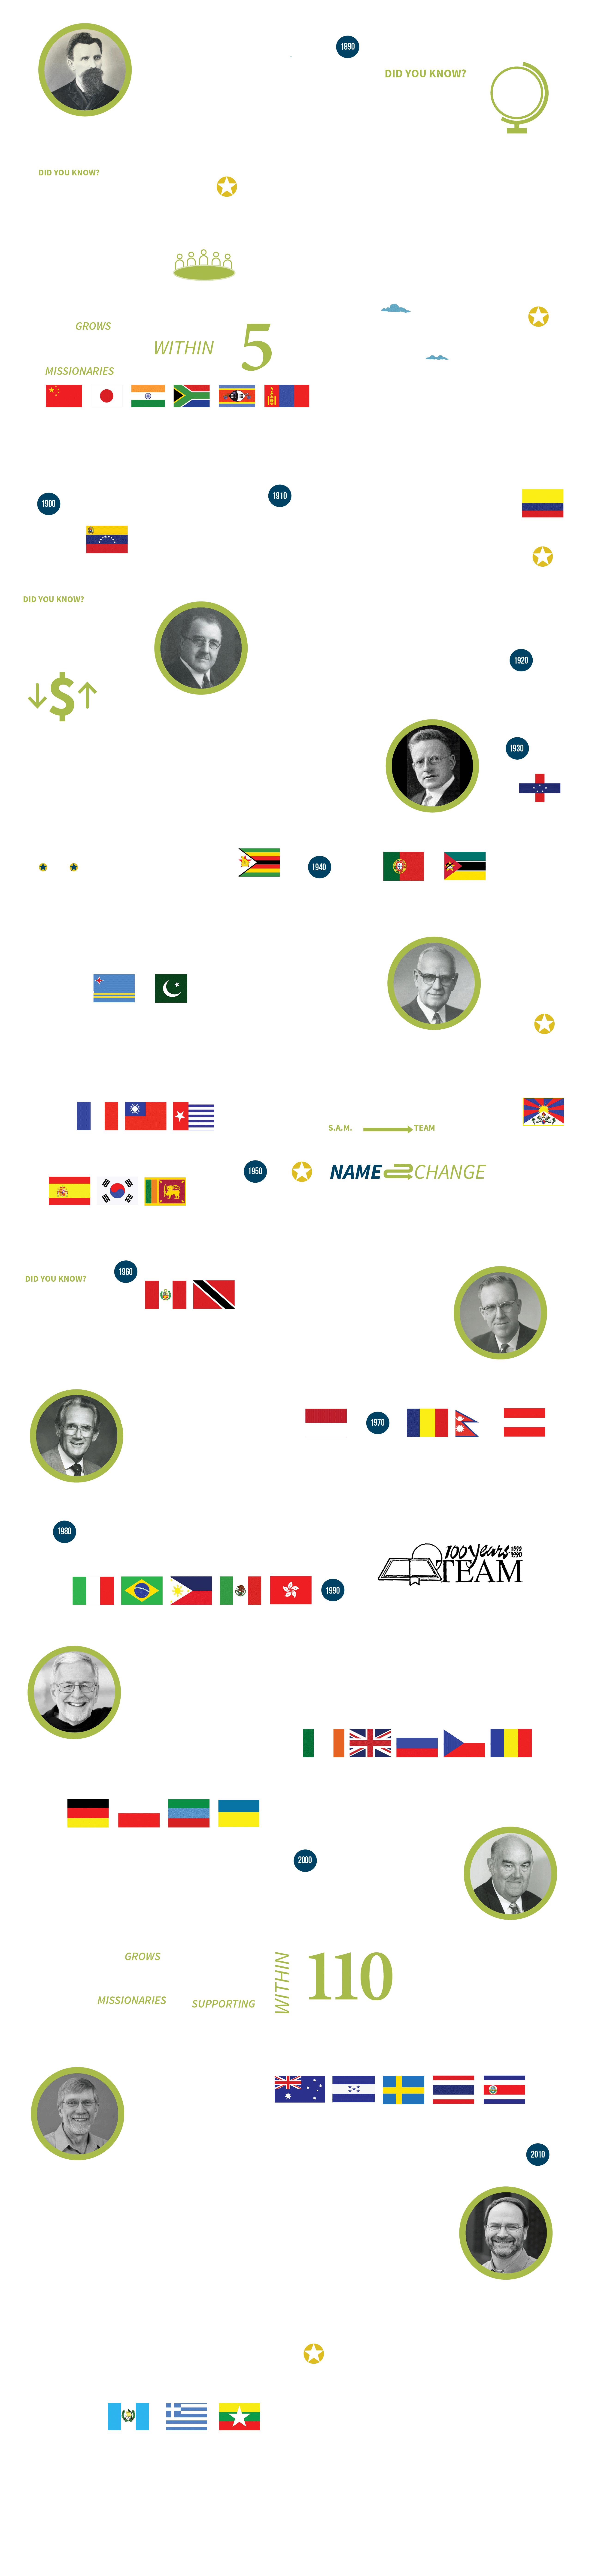 TEAM History Timeline